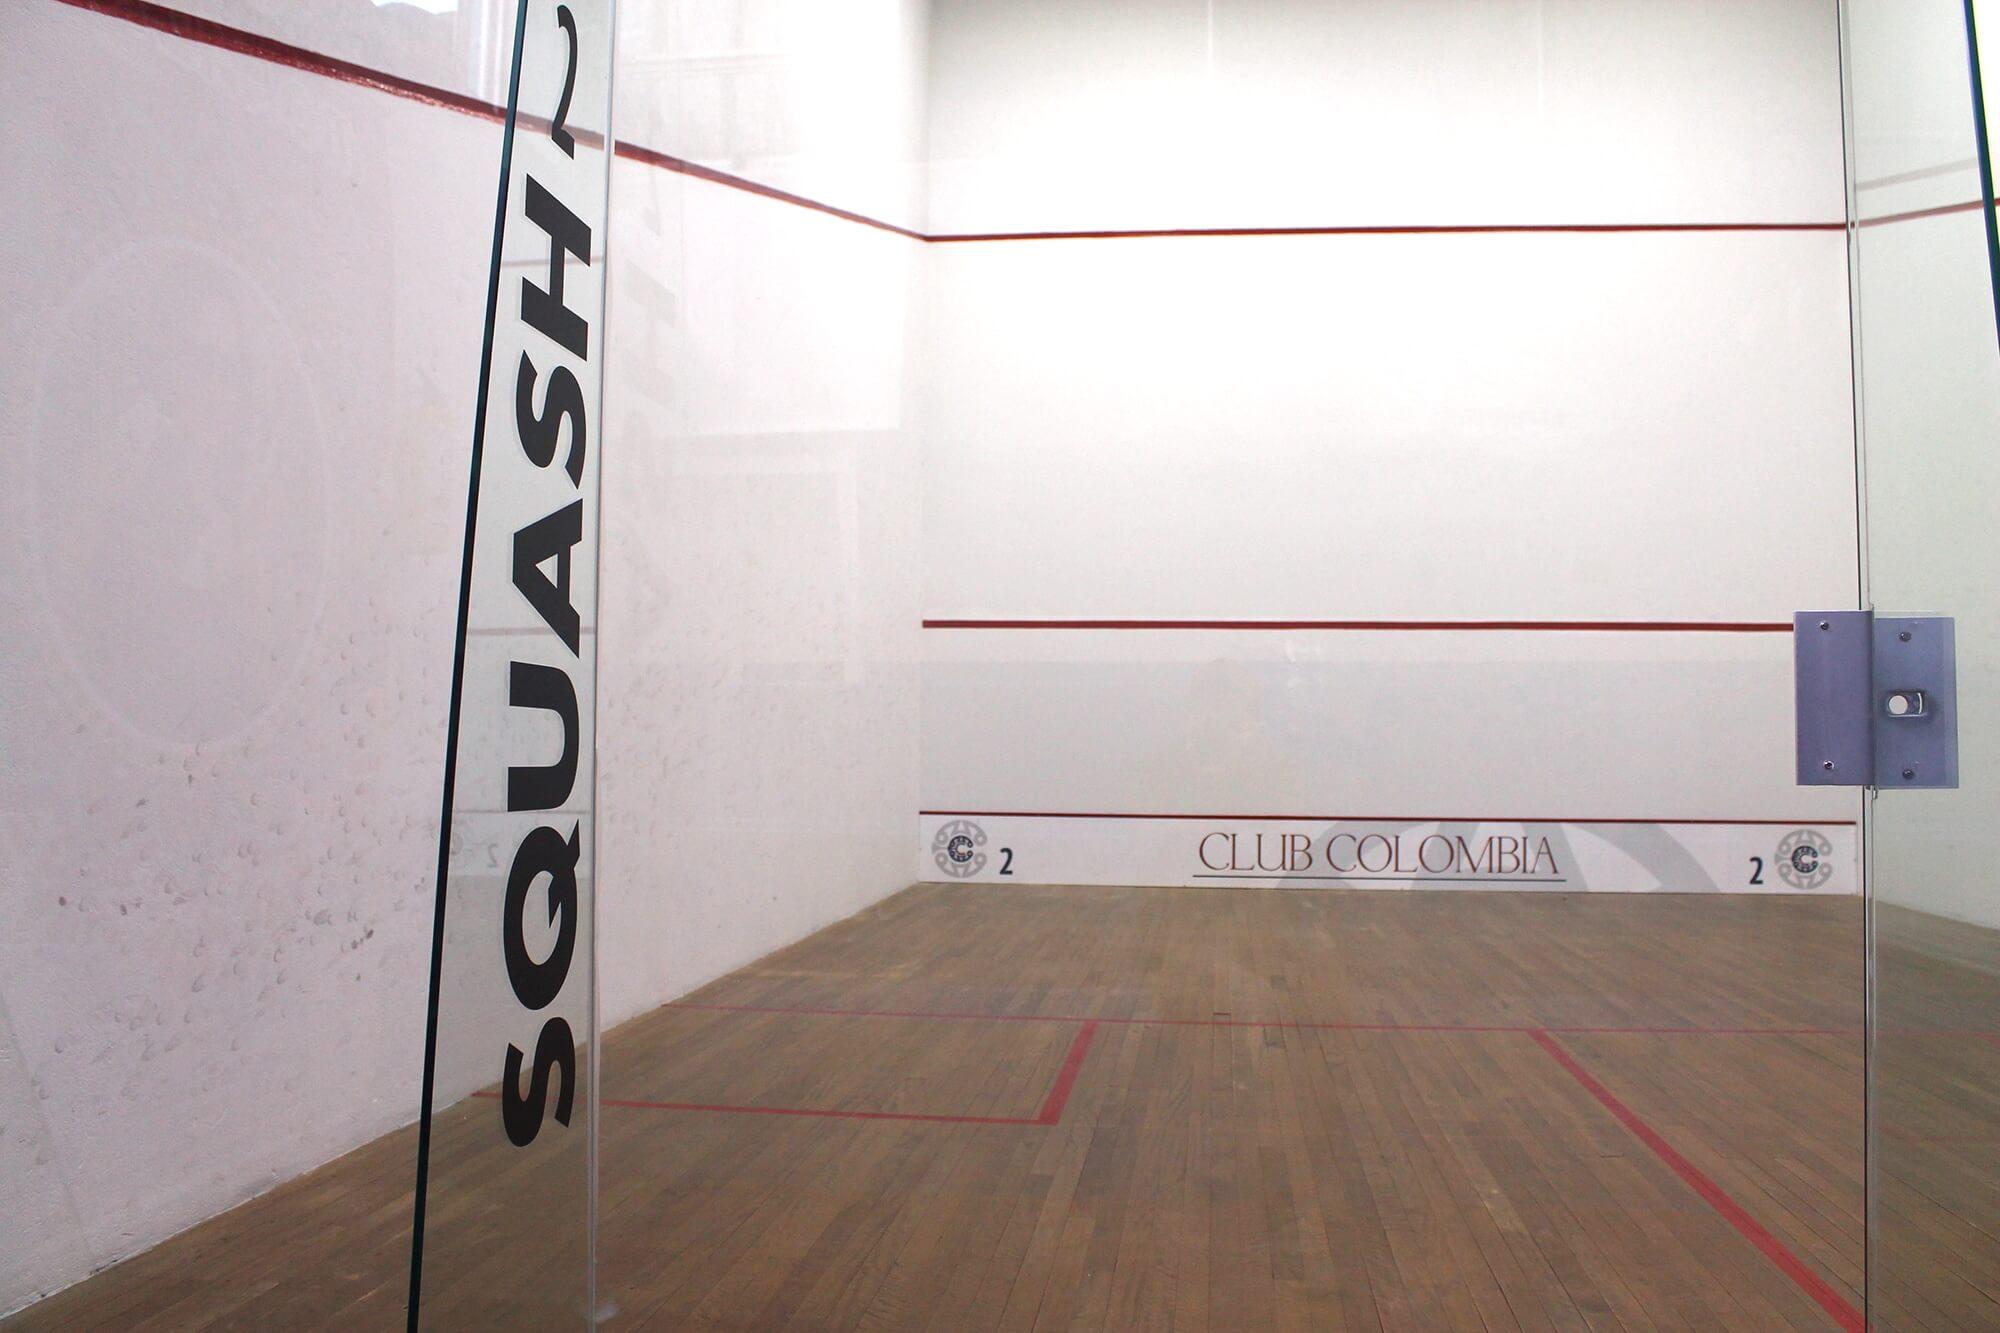 01.09 Deportes Squash (2)